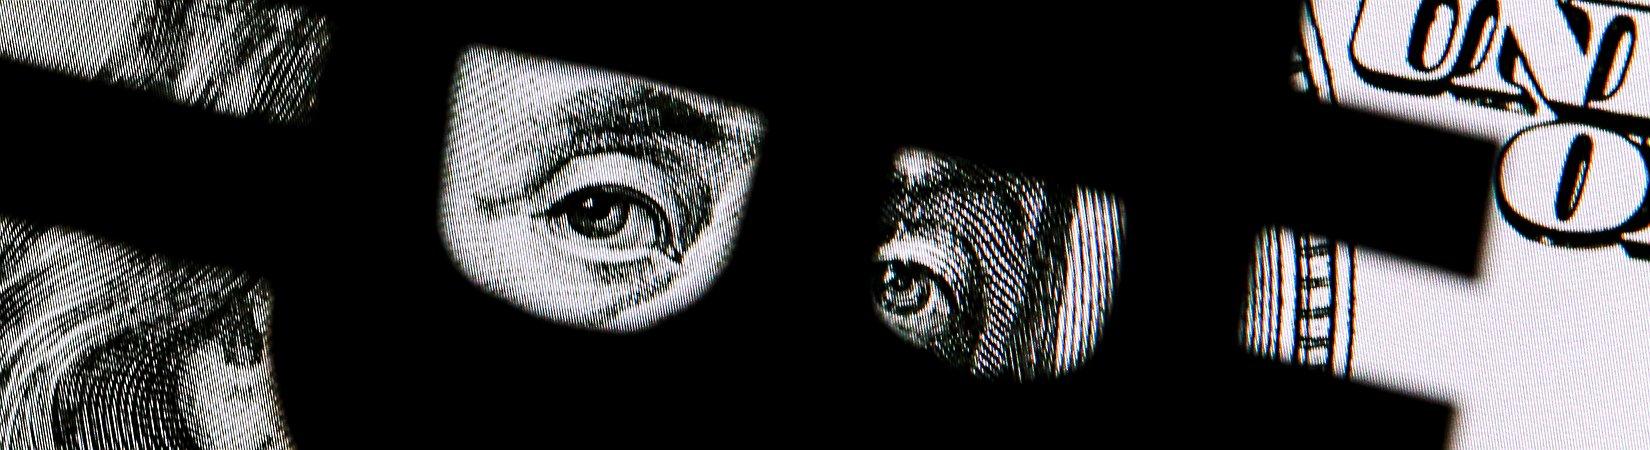 Todo lo que necesita saber sobre las criptomonedas estatales